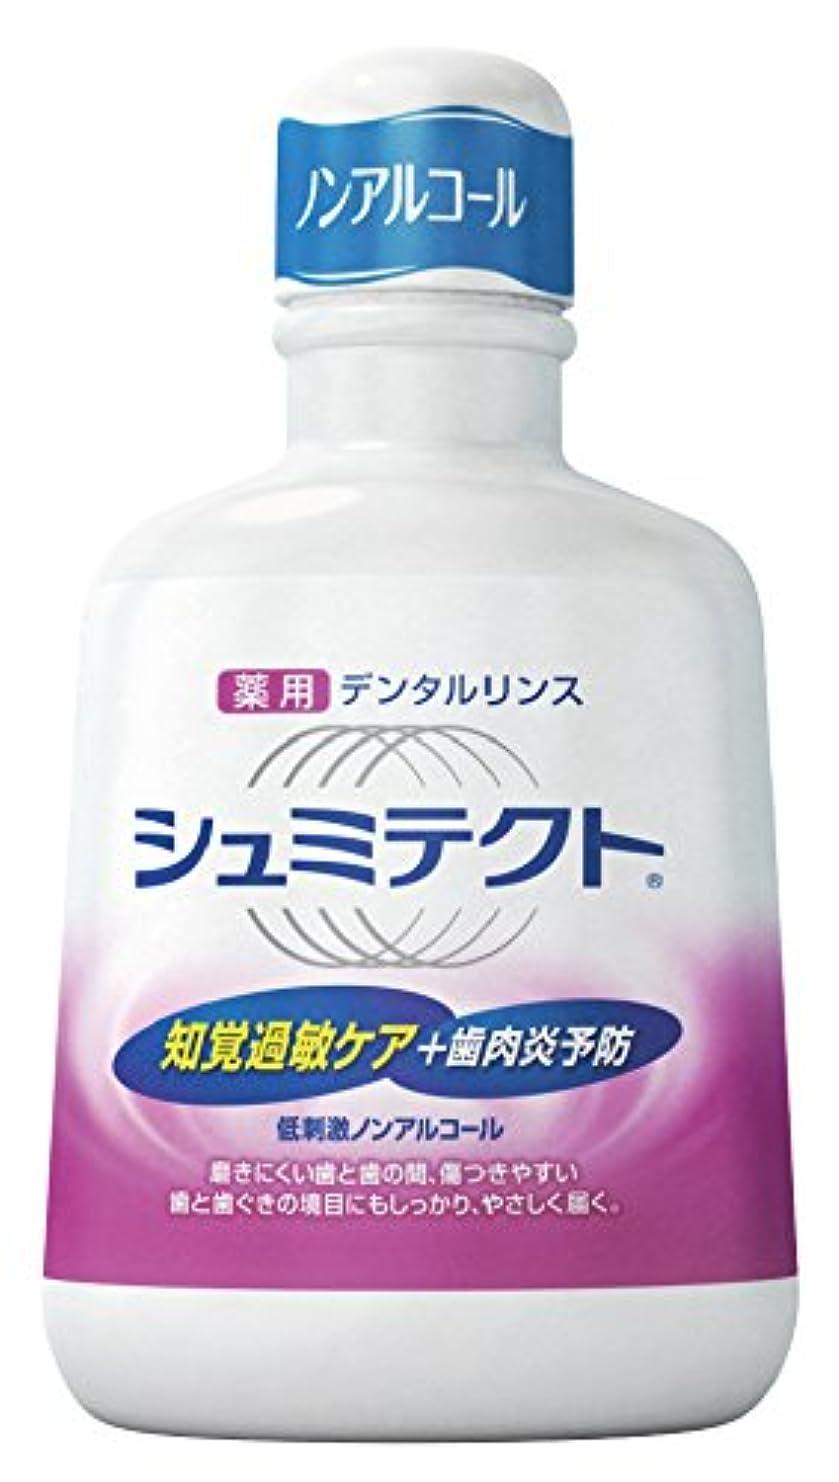 ブラケット寸法代わりに[医薬部外品]シュミテクト 薬用デンタルリンス 知覚過敏症状予防 ノンアルコール 500mL